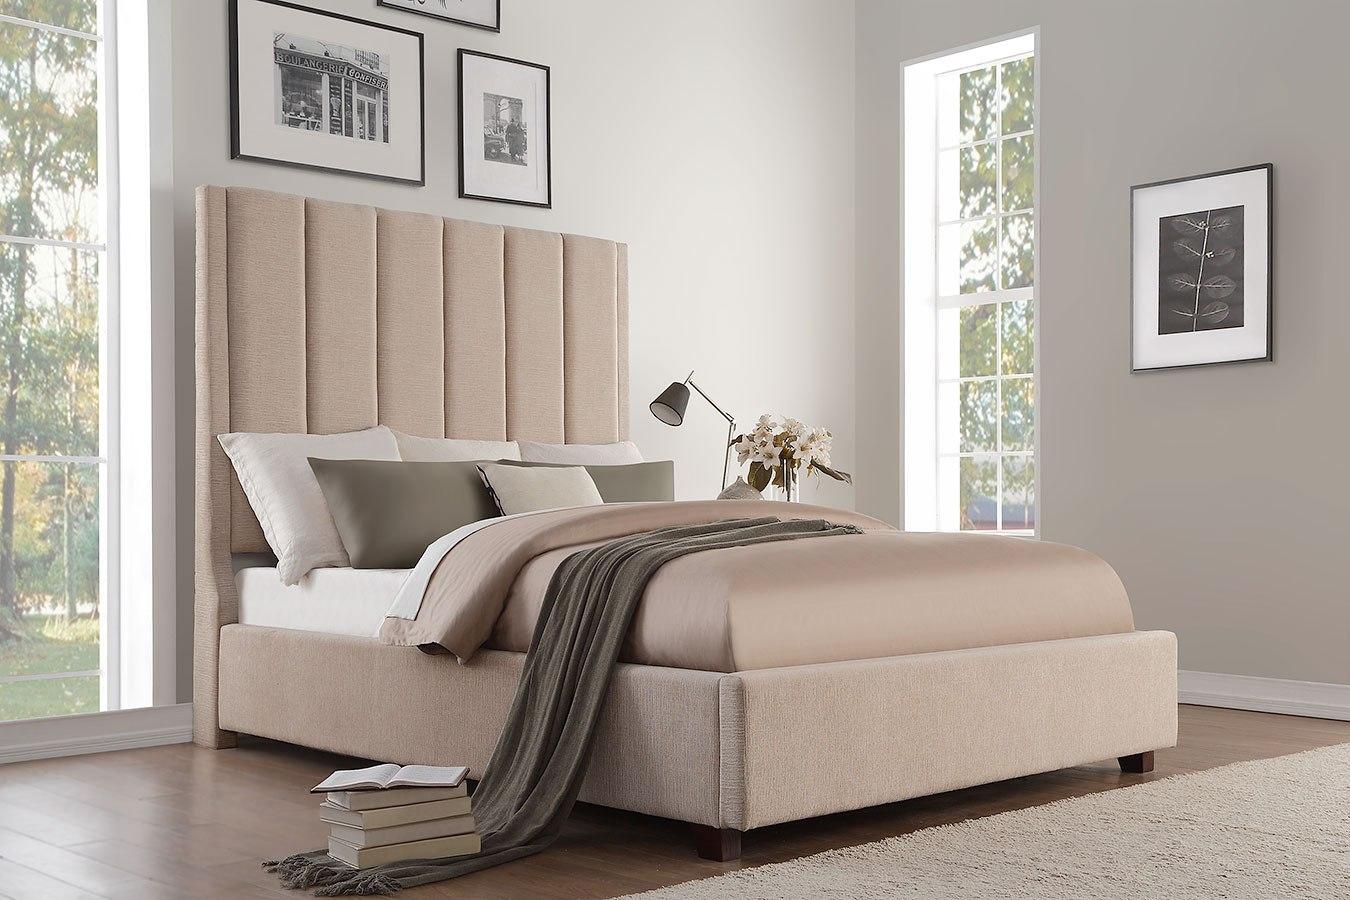 Neunan Beige Upholstered Bed By Homelegance Furniturepick